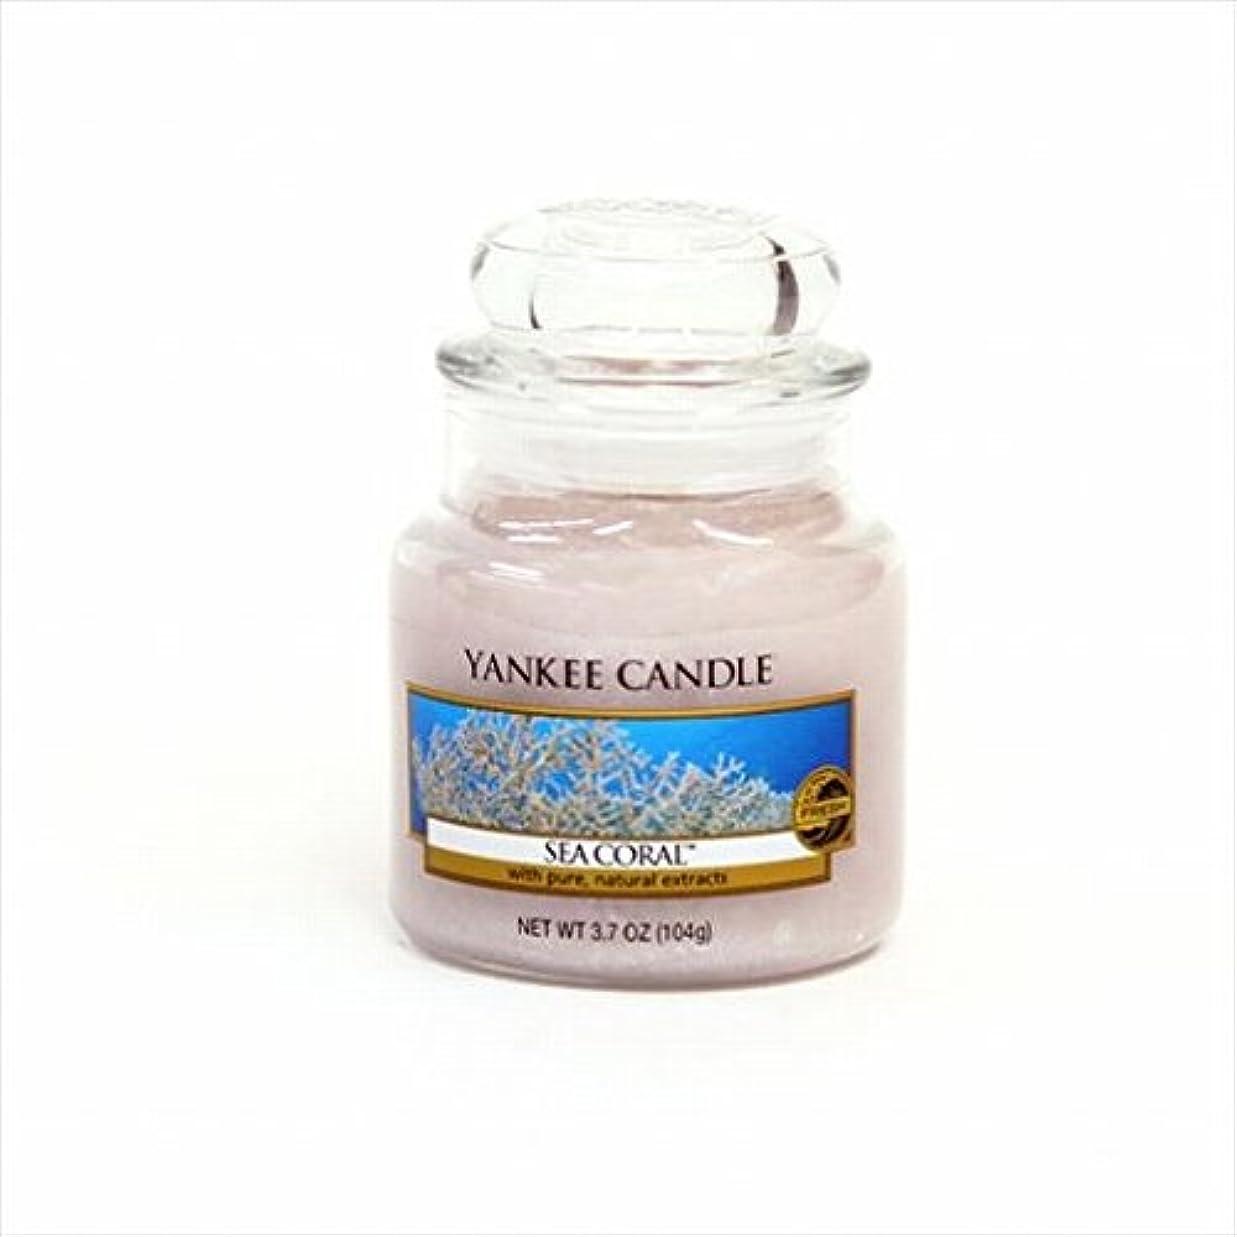 アーカイブ報酬のぎこちないカメヤマキャンドル(kameyama candle) YANKEE CANDLE ジャーS 「 シーコーラル 」